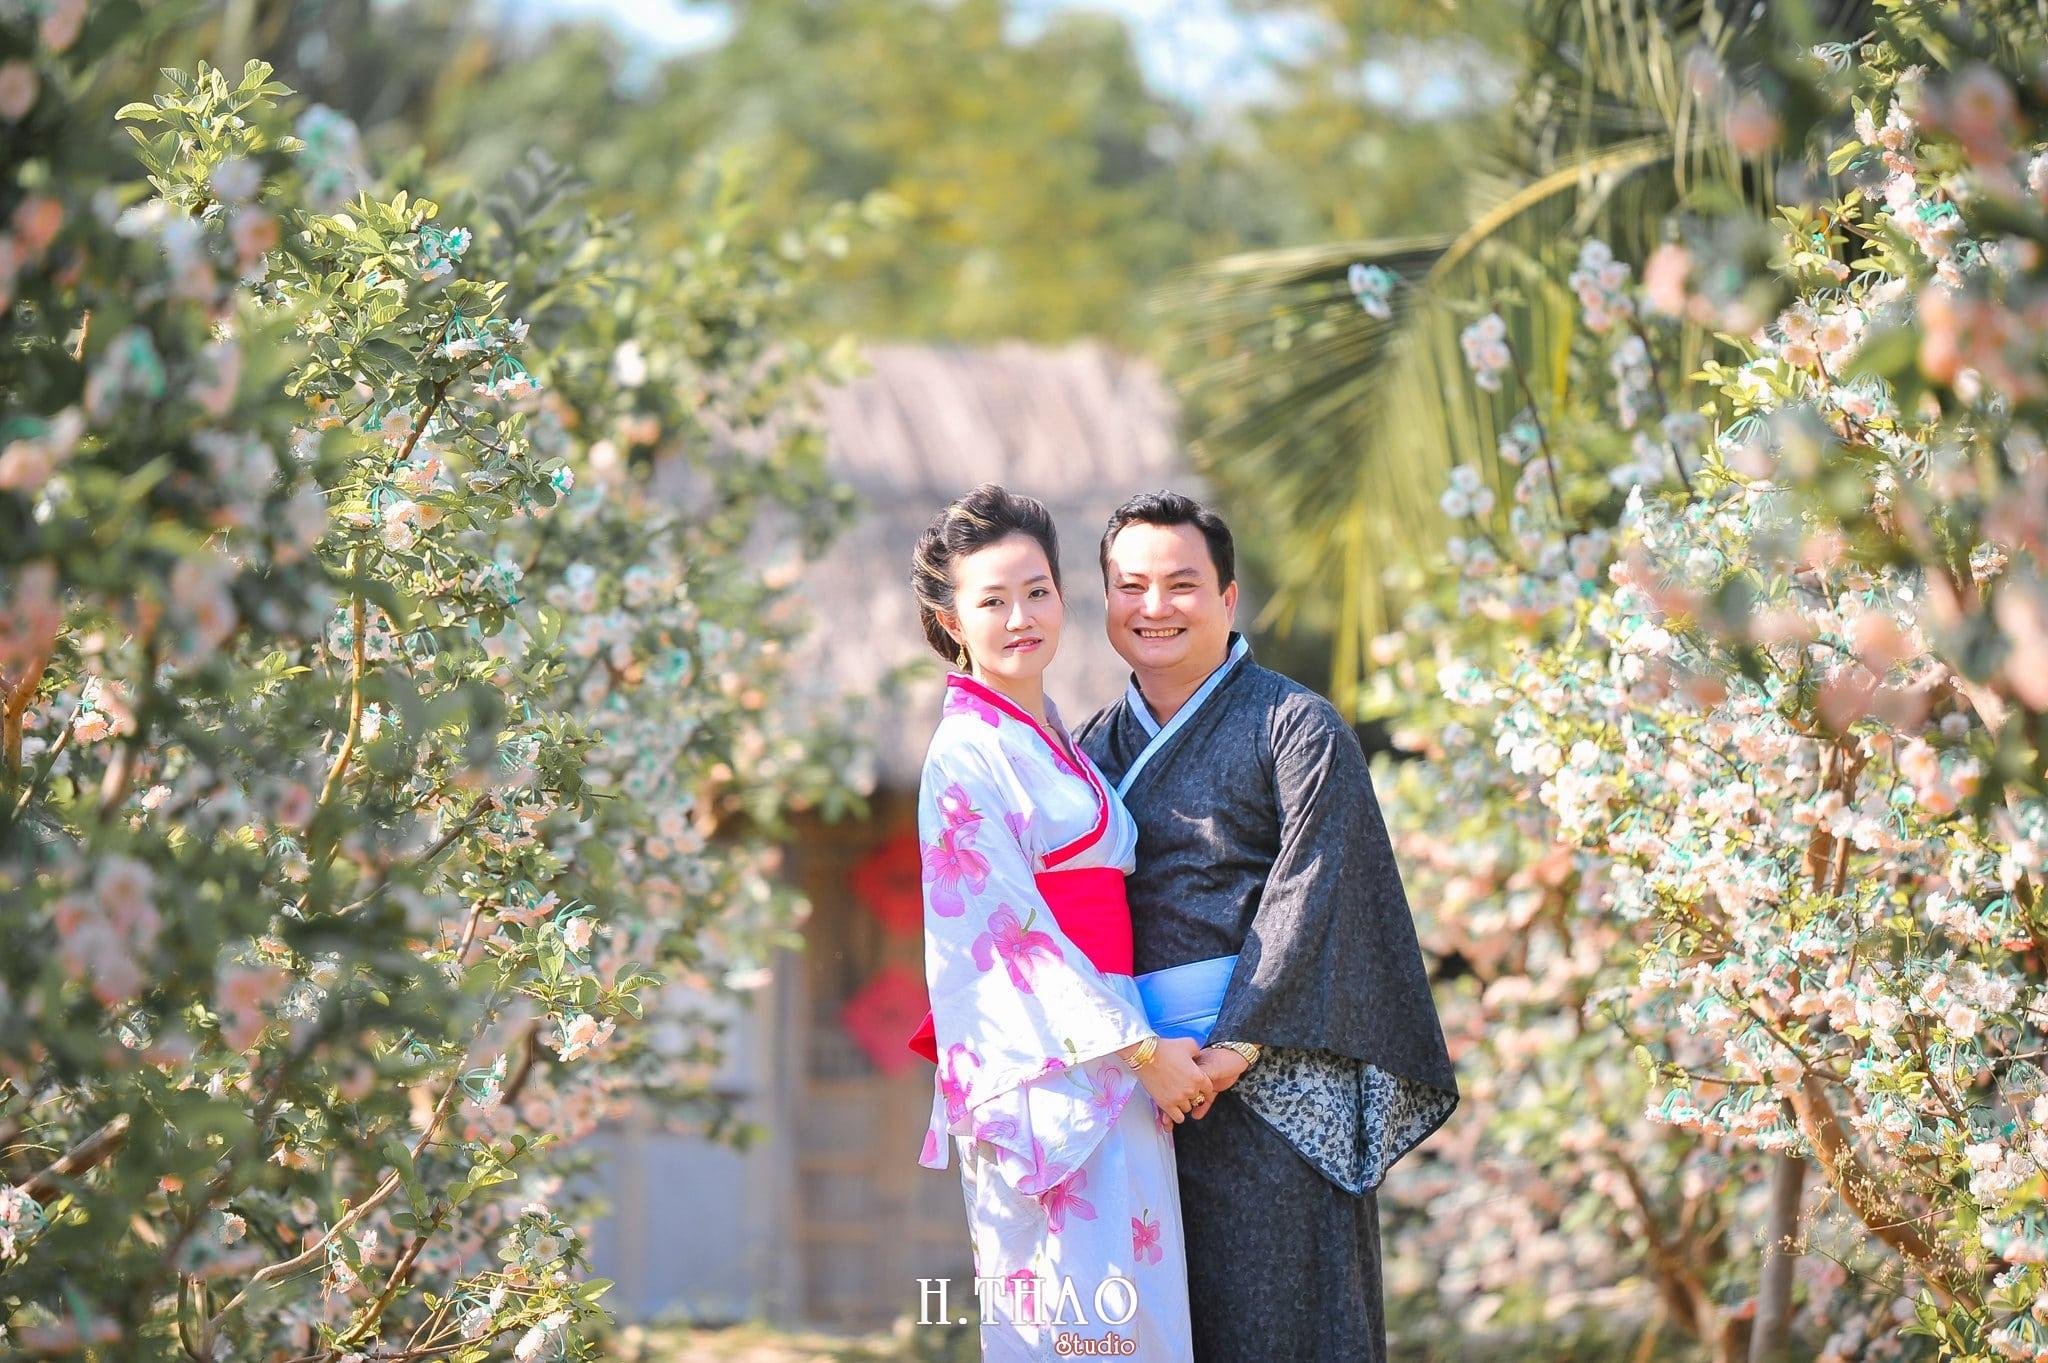 Anh chup voi Kimono 2 - Bộ ảnh couple chụp với Kimono theo phong cách Nhật Bản